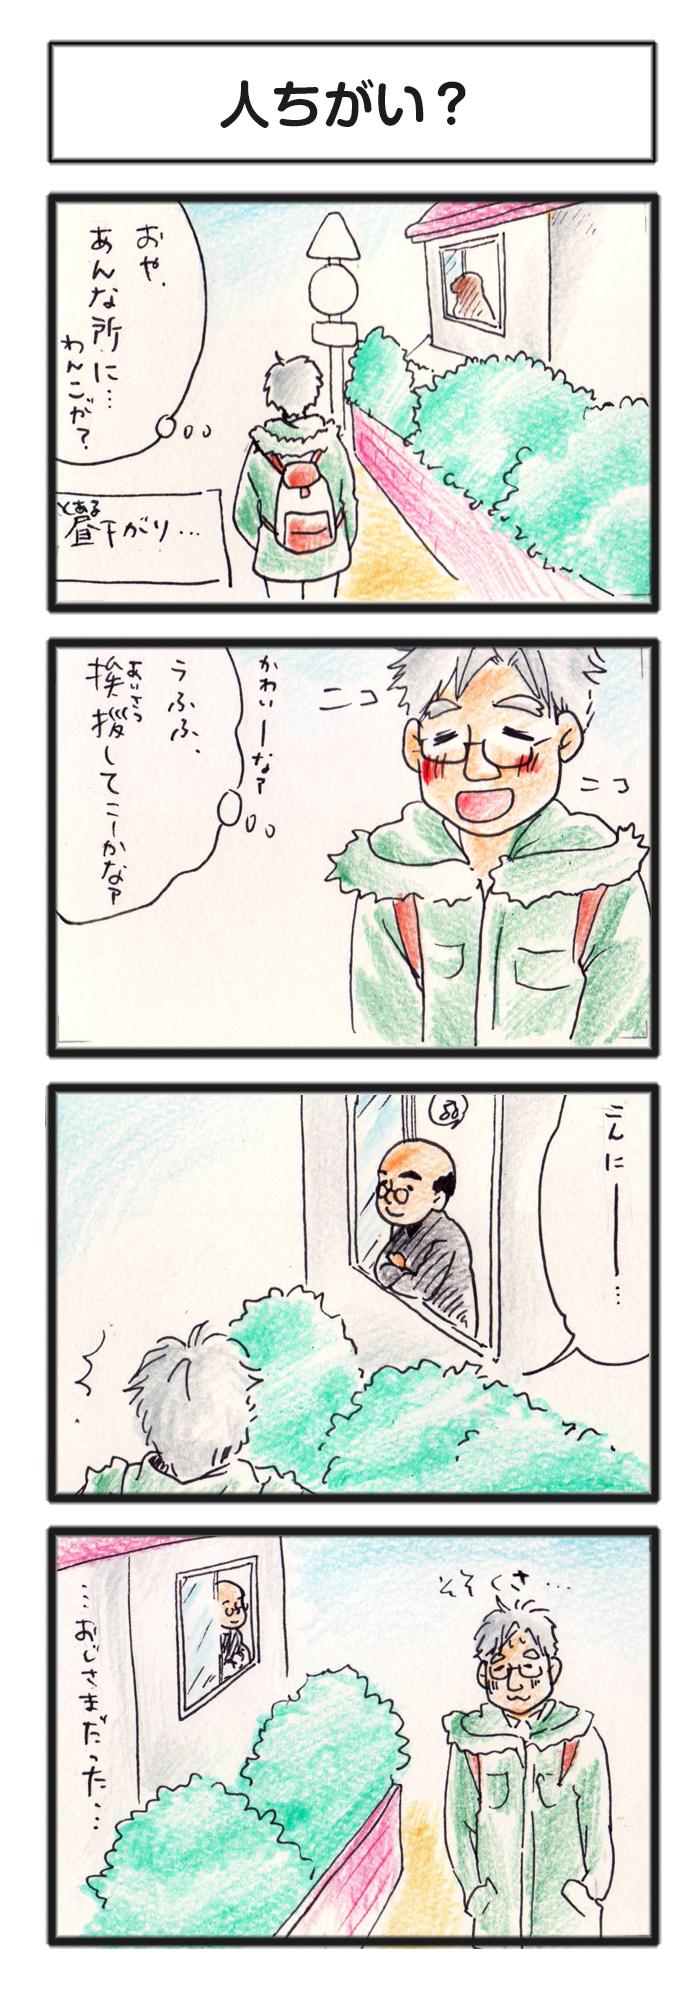 comic_4c_15020103.jpg